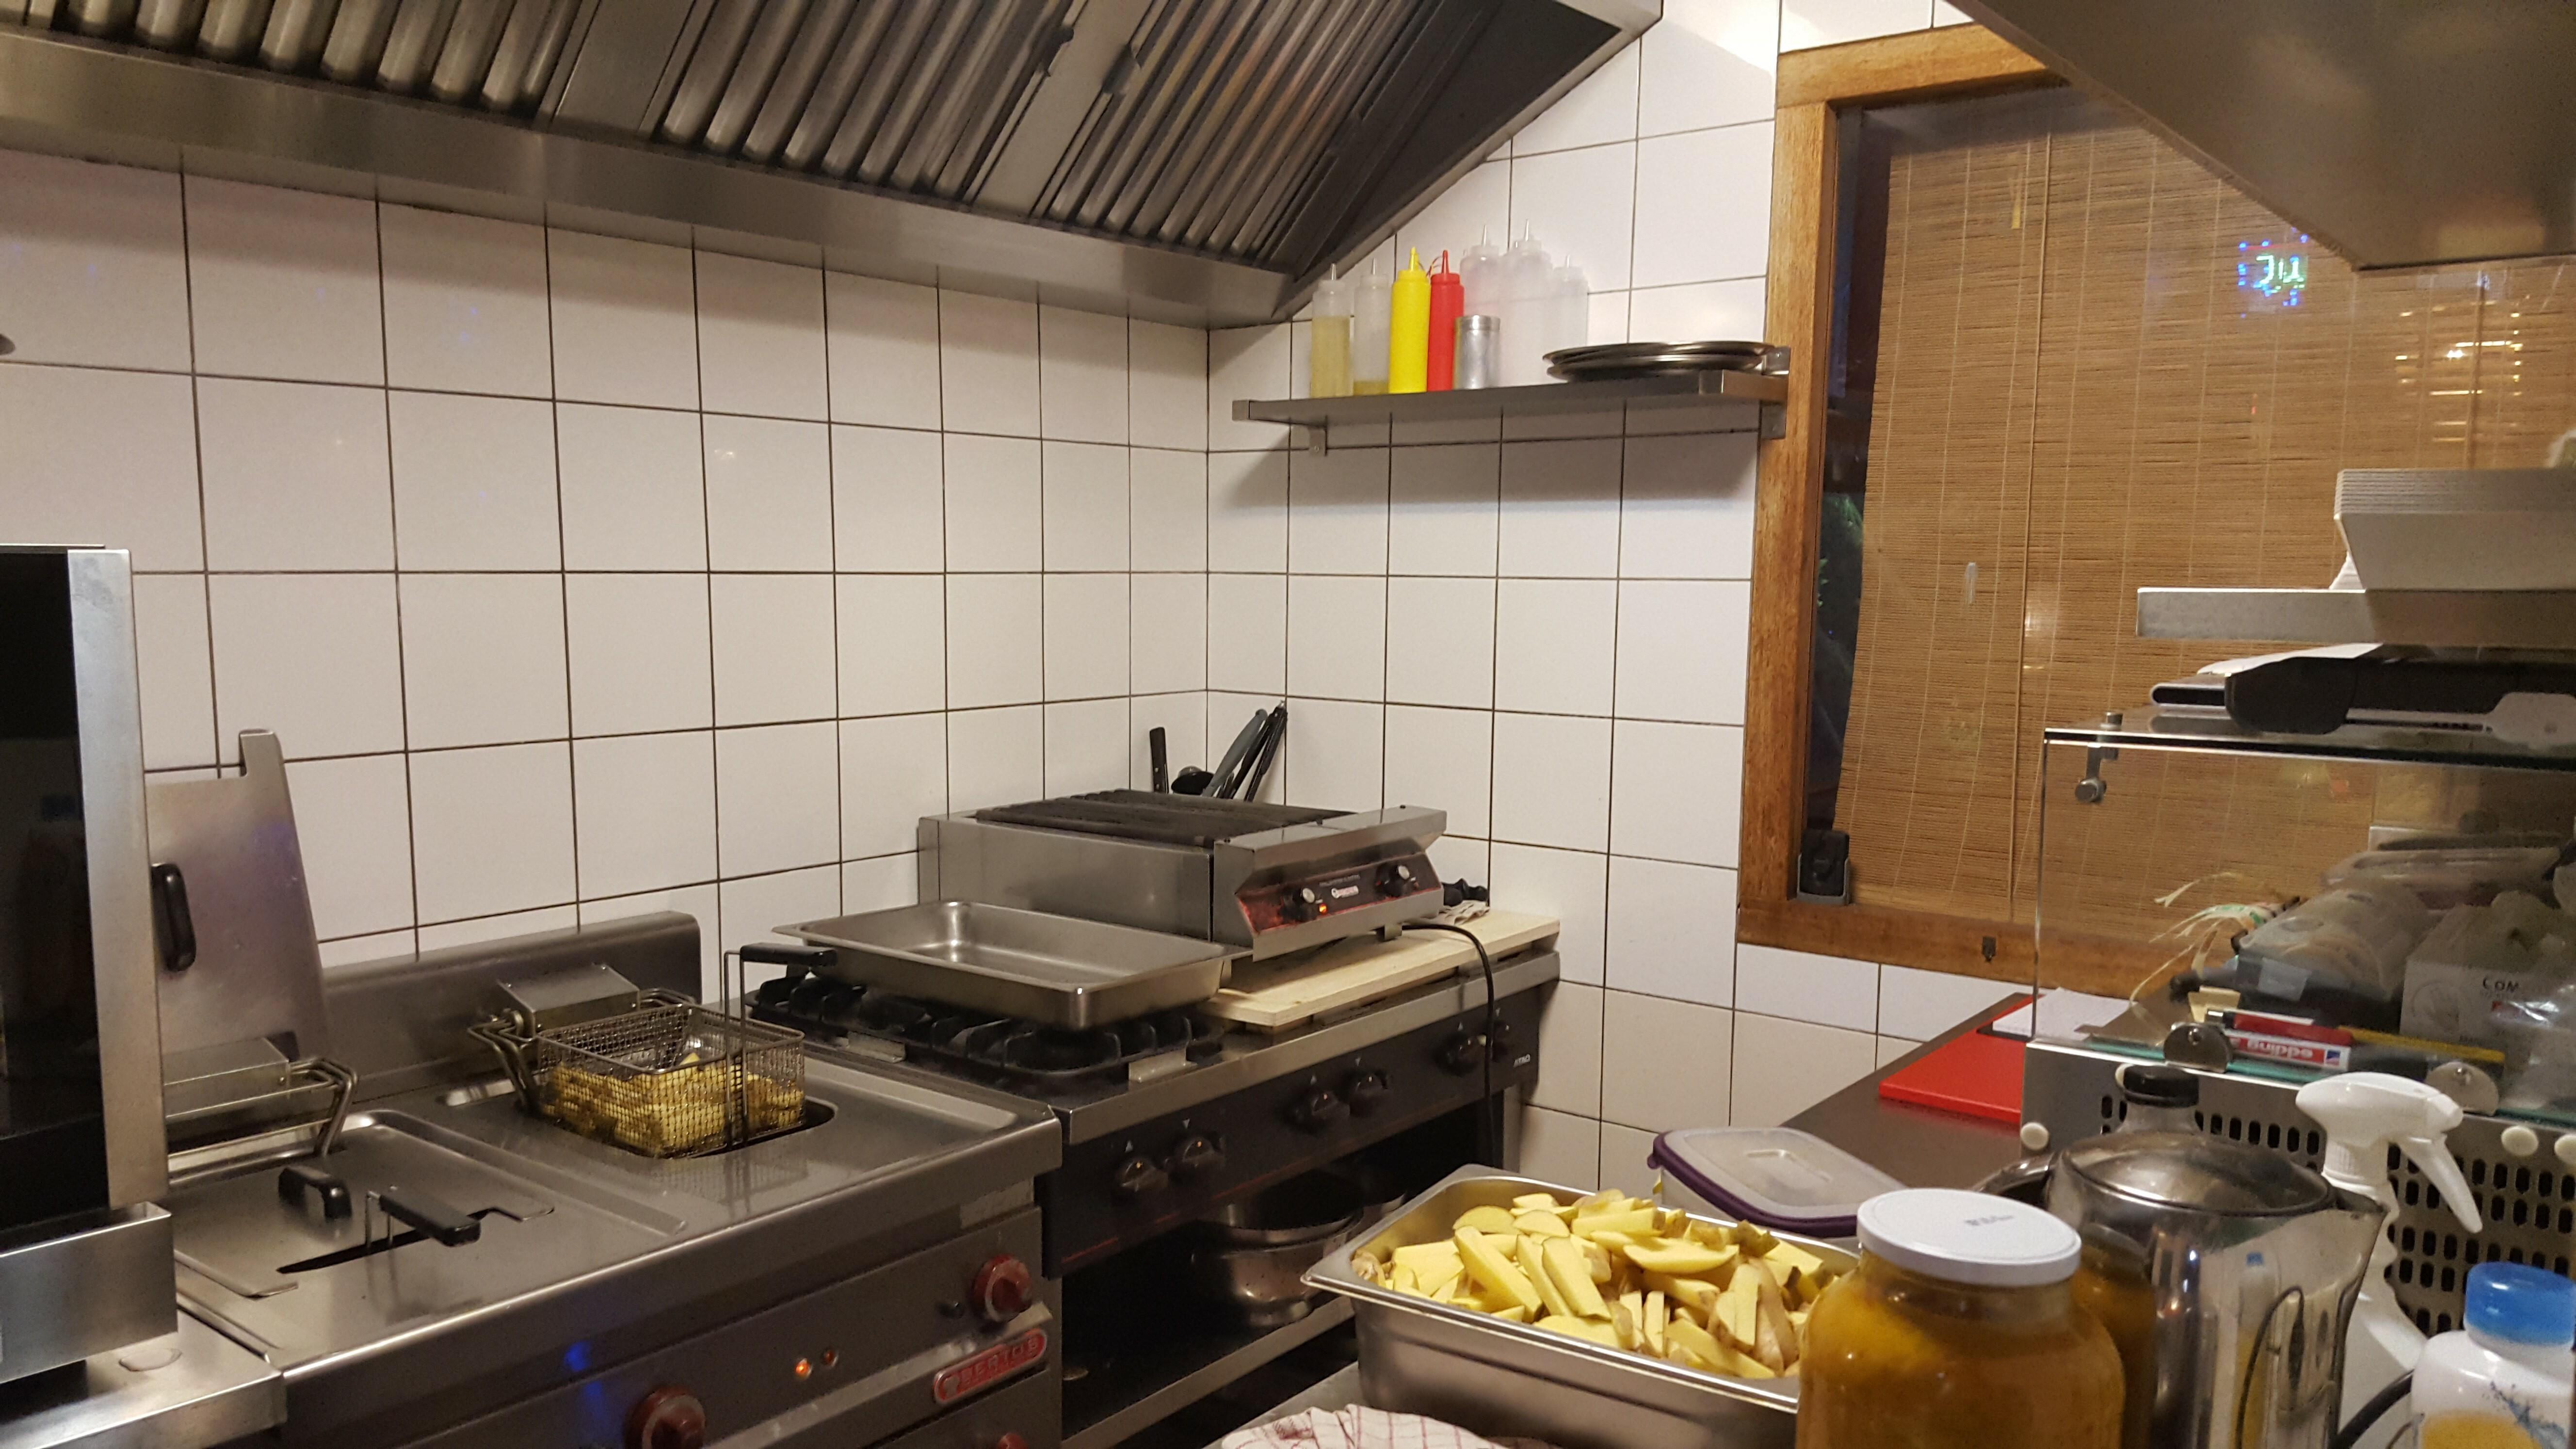 Keuken En Deli : Tikibar heeft met per s deli weer een keuken de buik van rotterdam